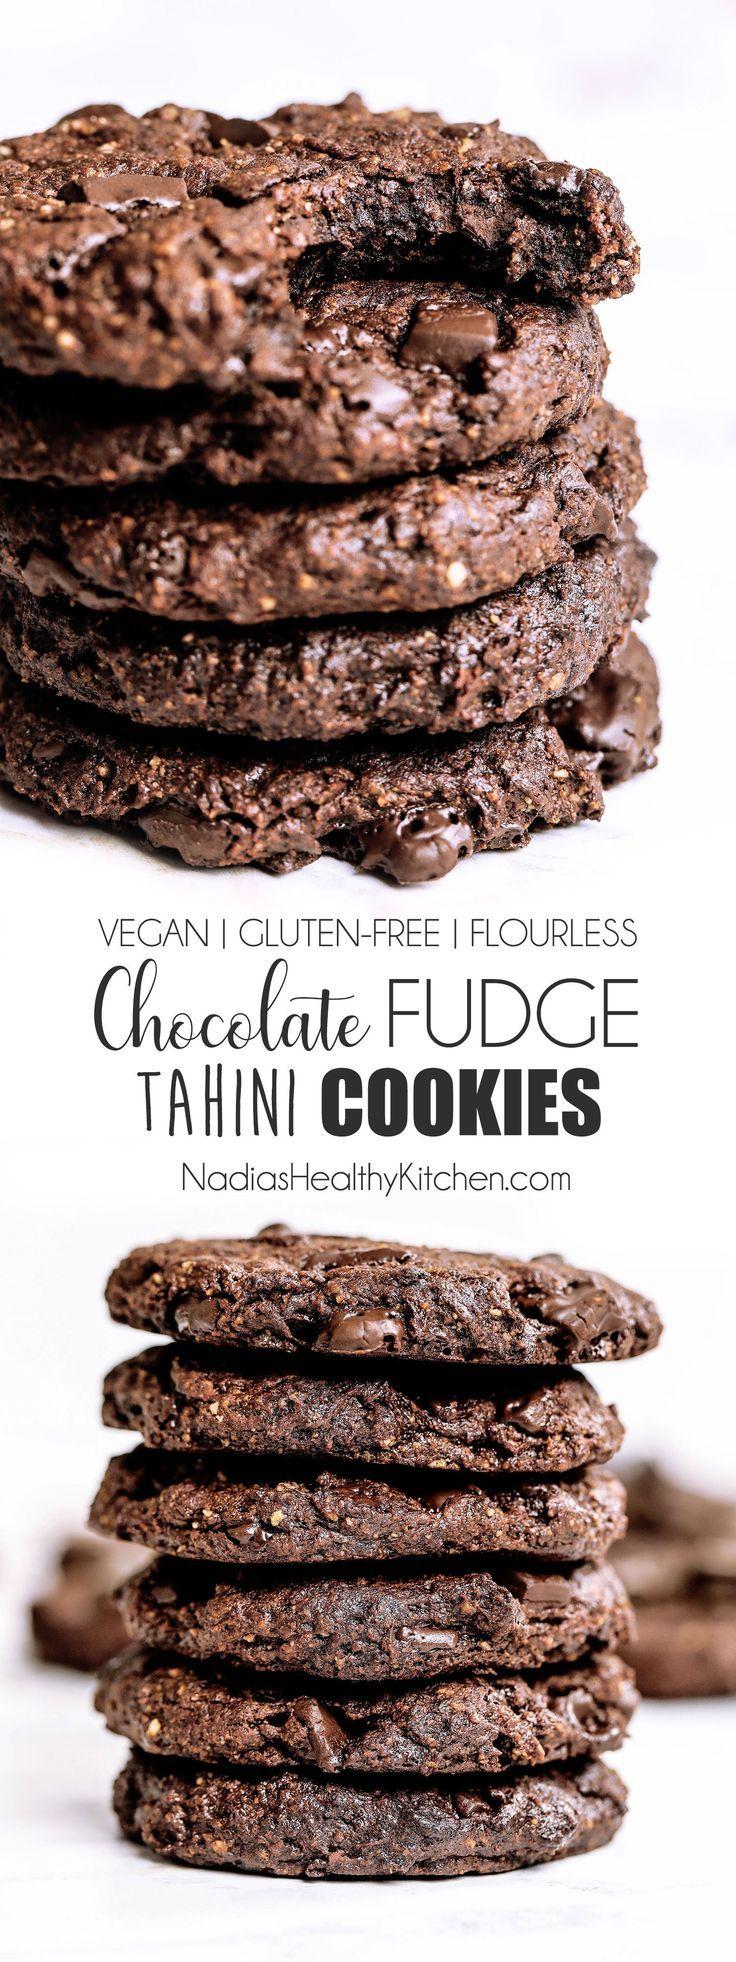 Chocolate Fudge Tahini Cookies